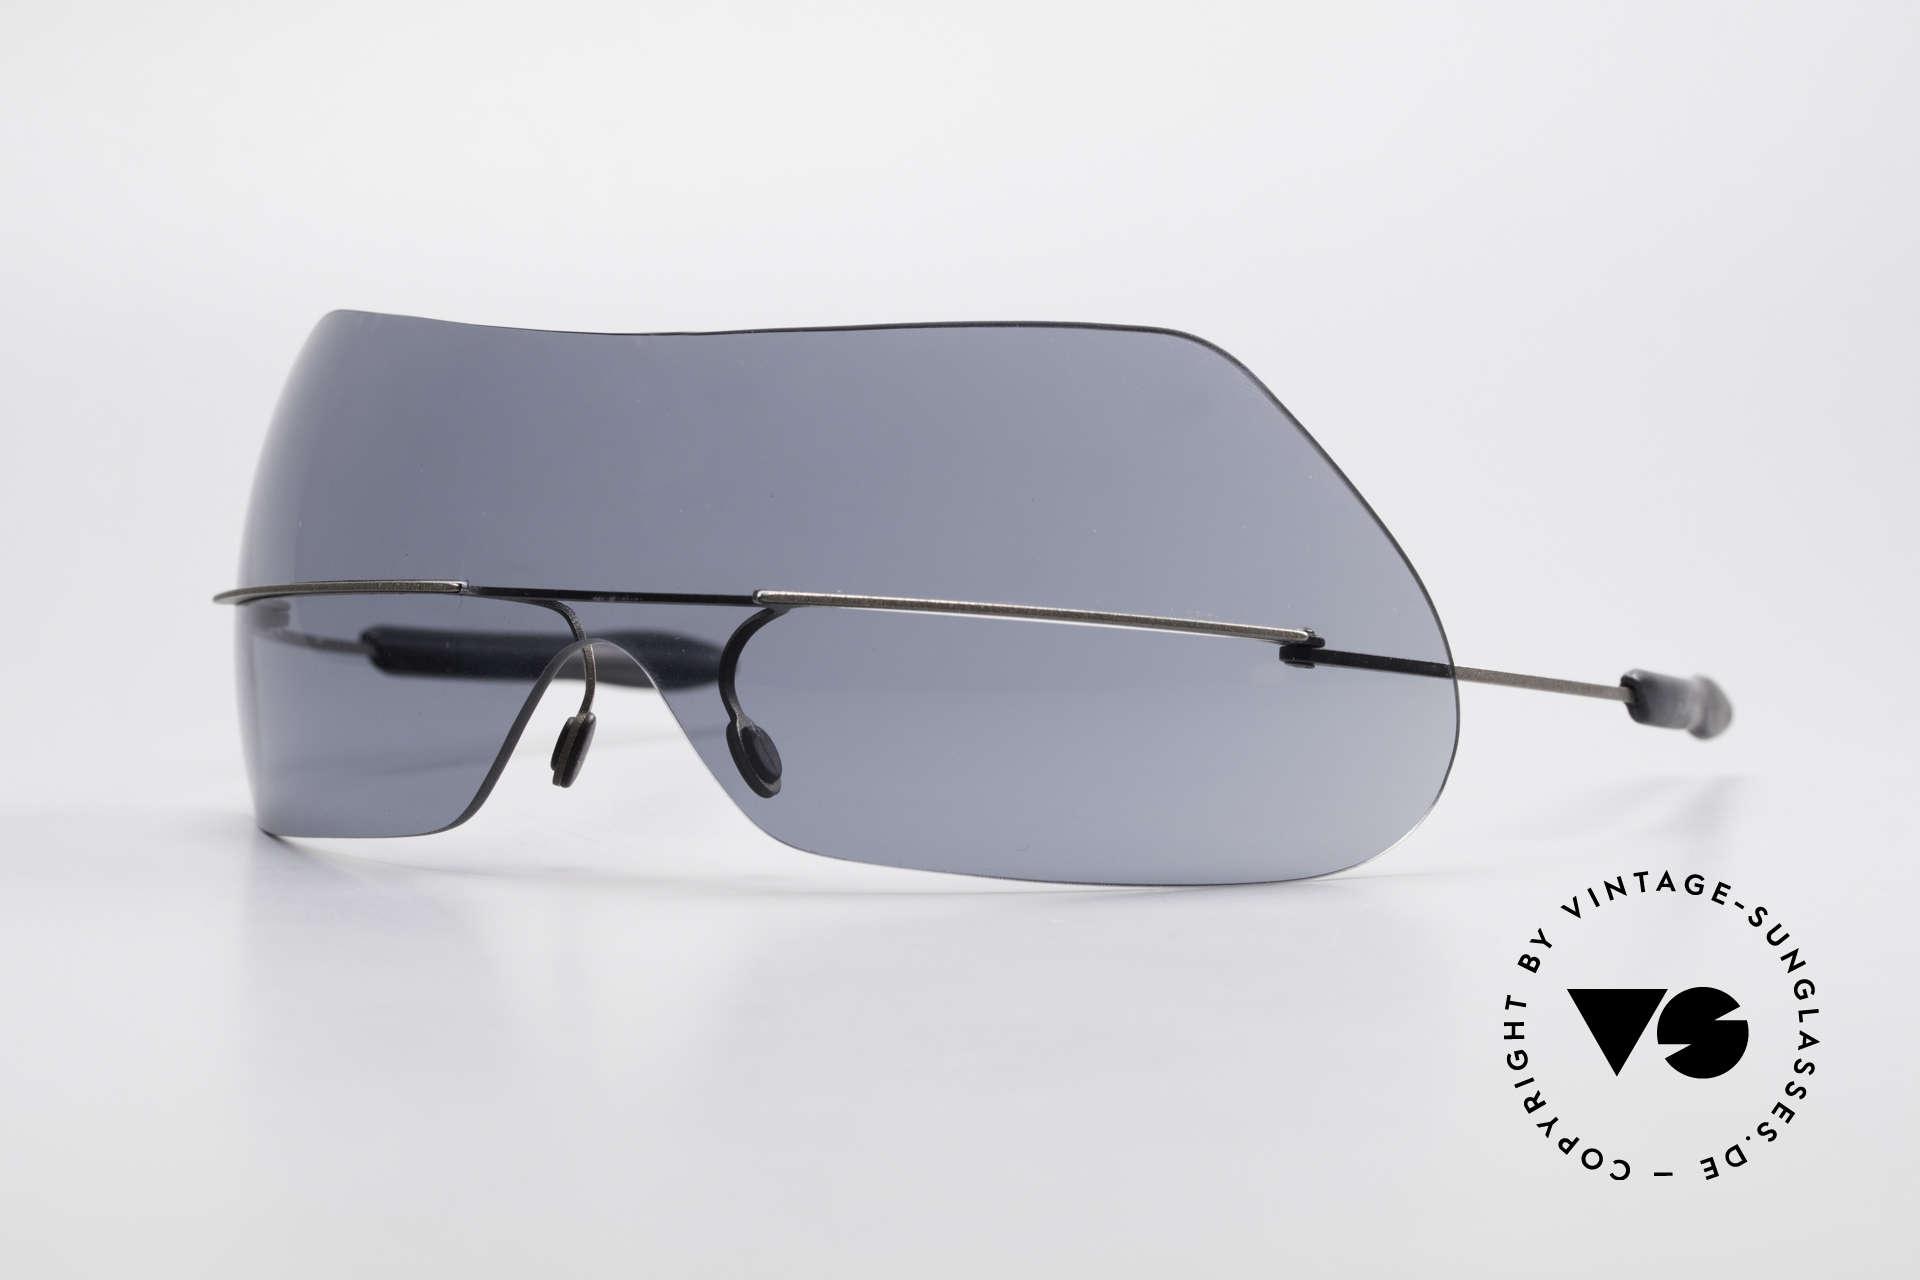 Theo Belgium Satisfashion 138 Sonnenbrille mit Augenbrauen, vintage Brille der Theo SATISFASHION Serie von 2001, Passend für Damen